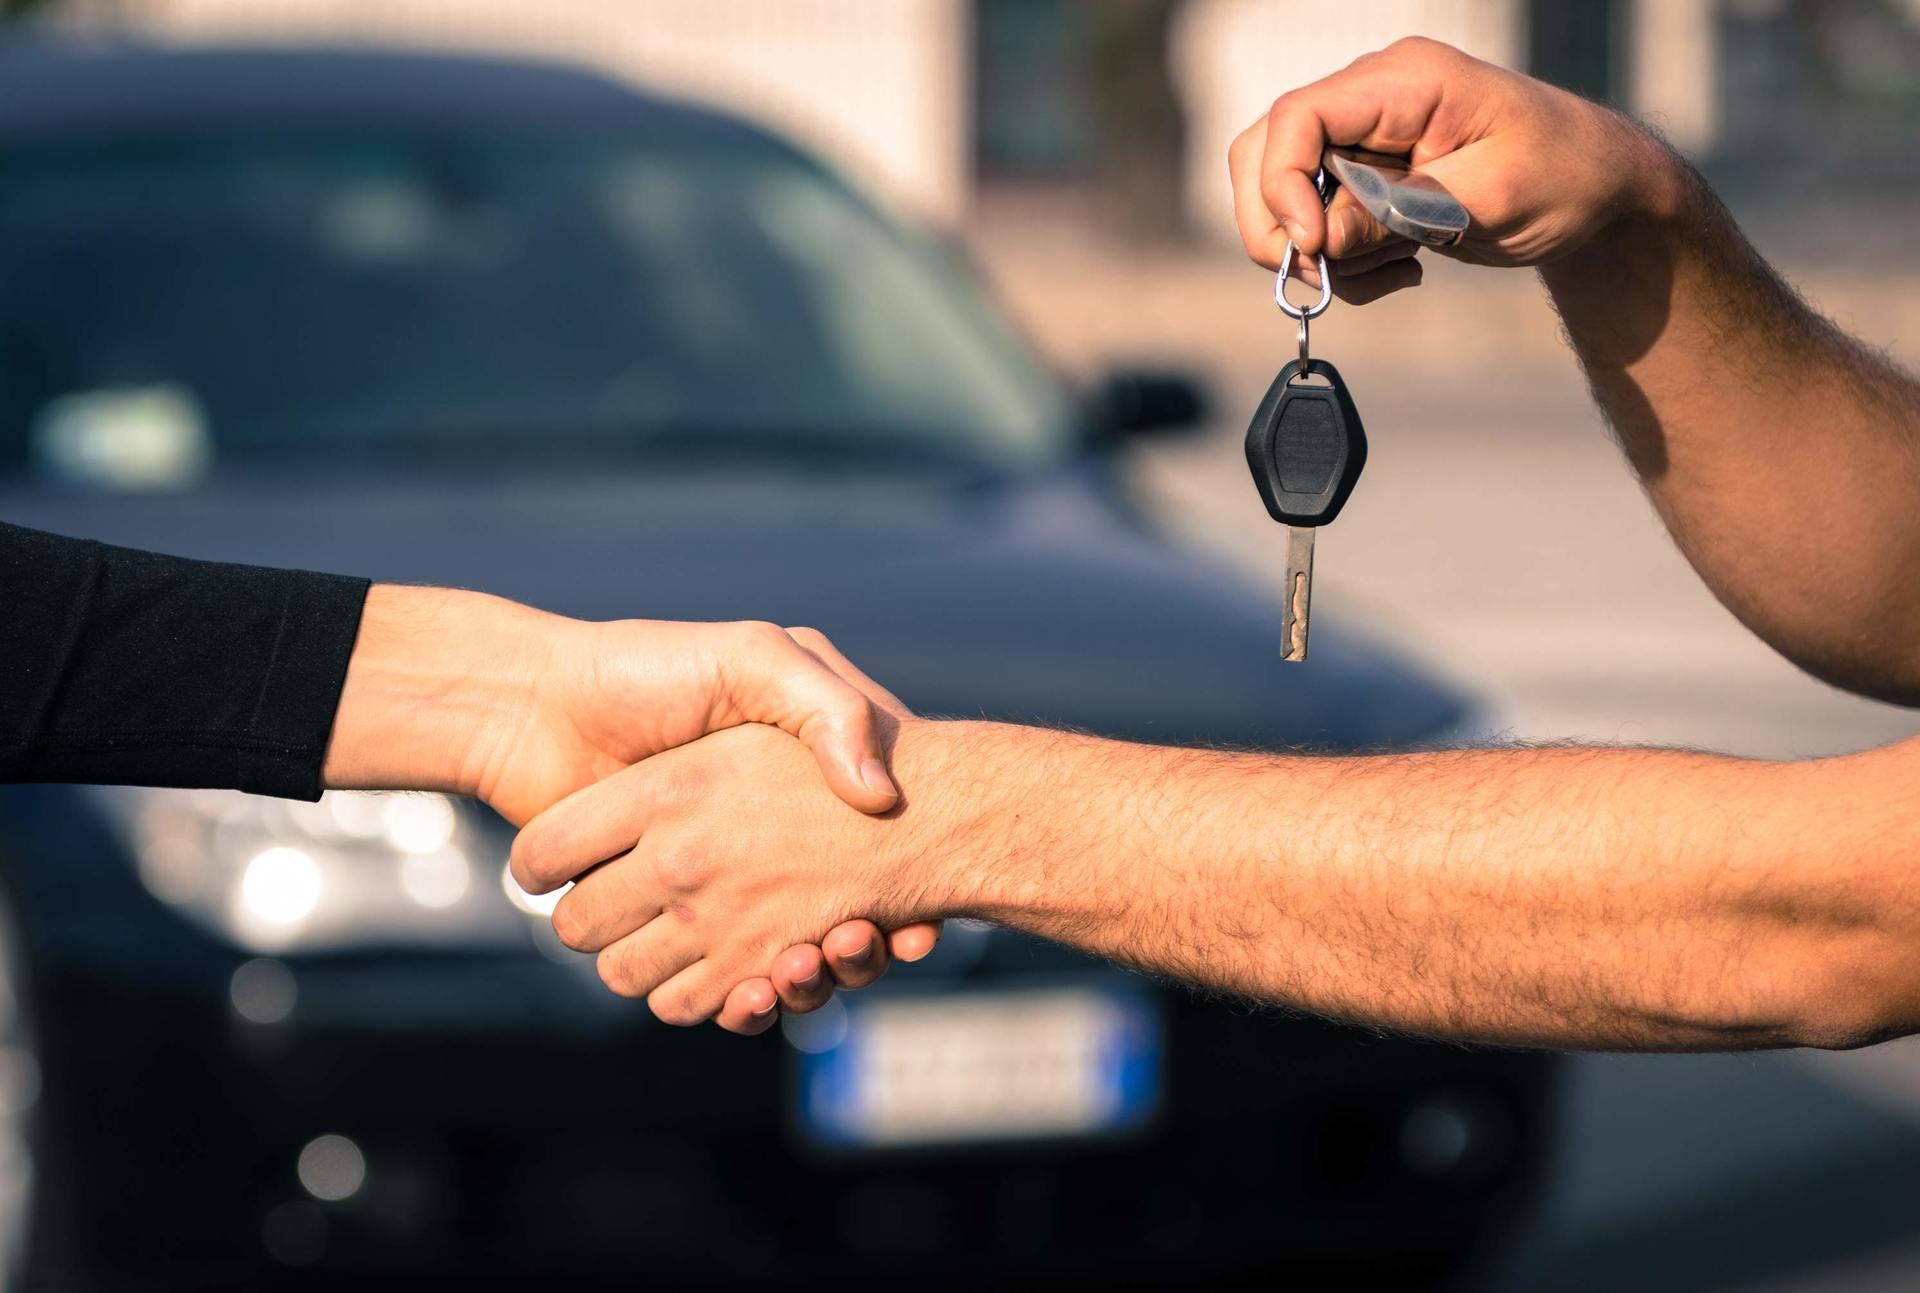 stretta di mano e consegna della chiave di un'auto